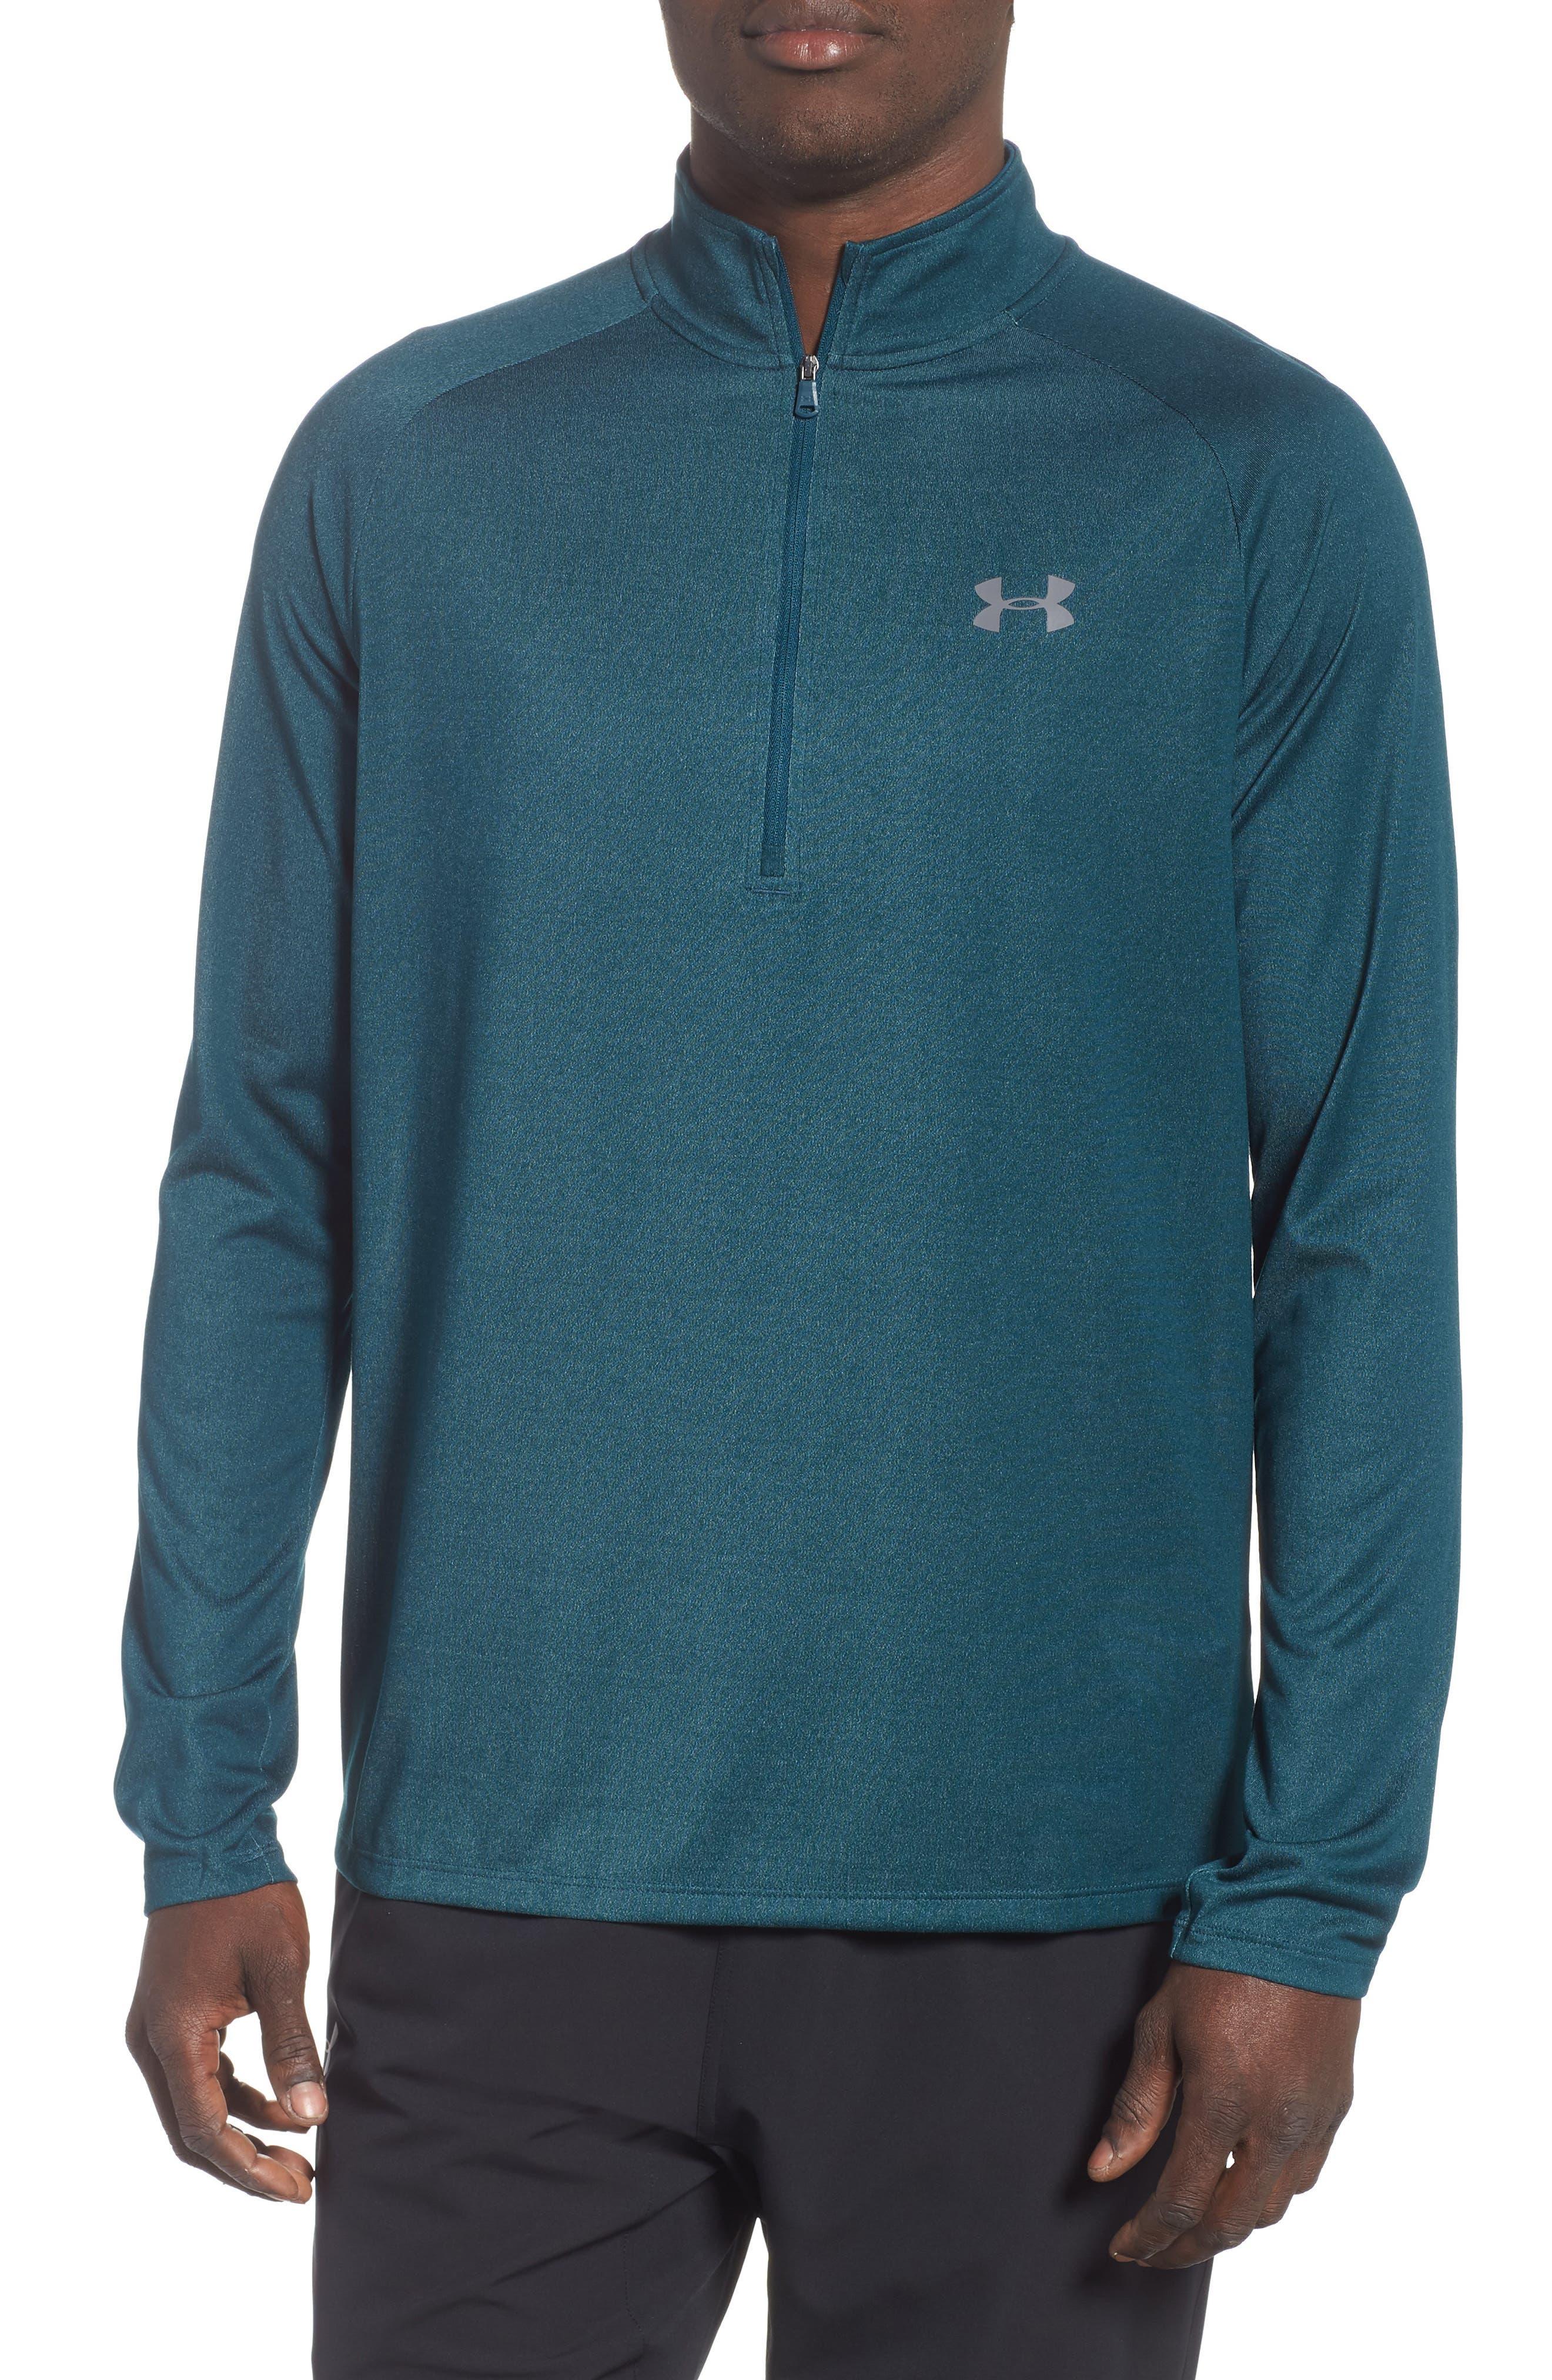 Tech Half Zip Sweatshirt,                         Main,                         color, TEAL